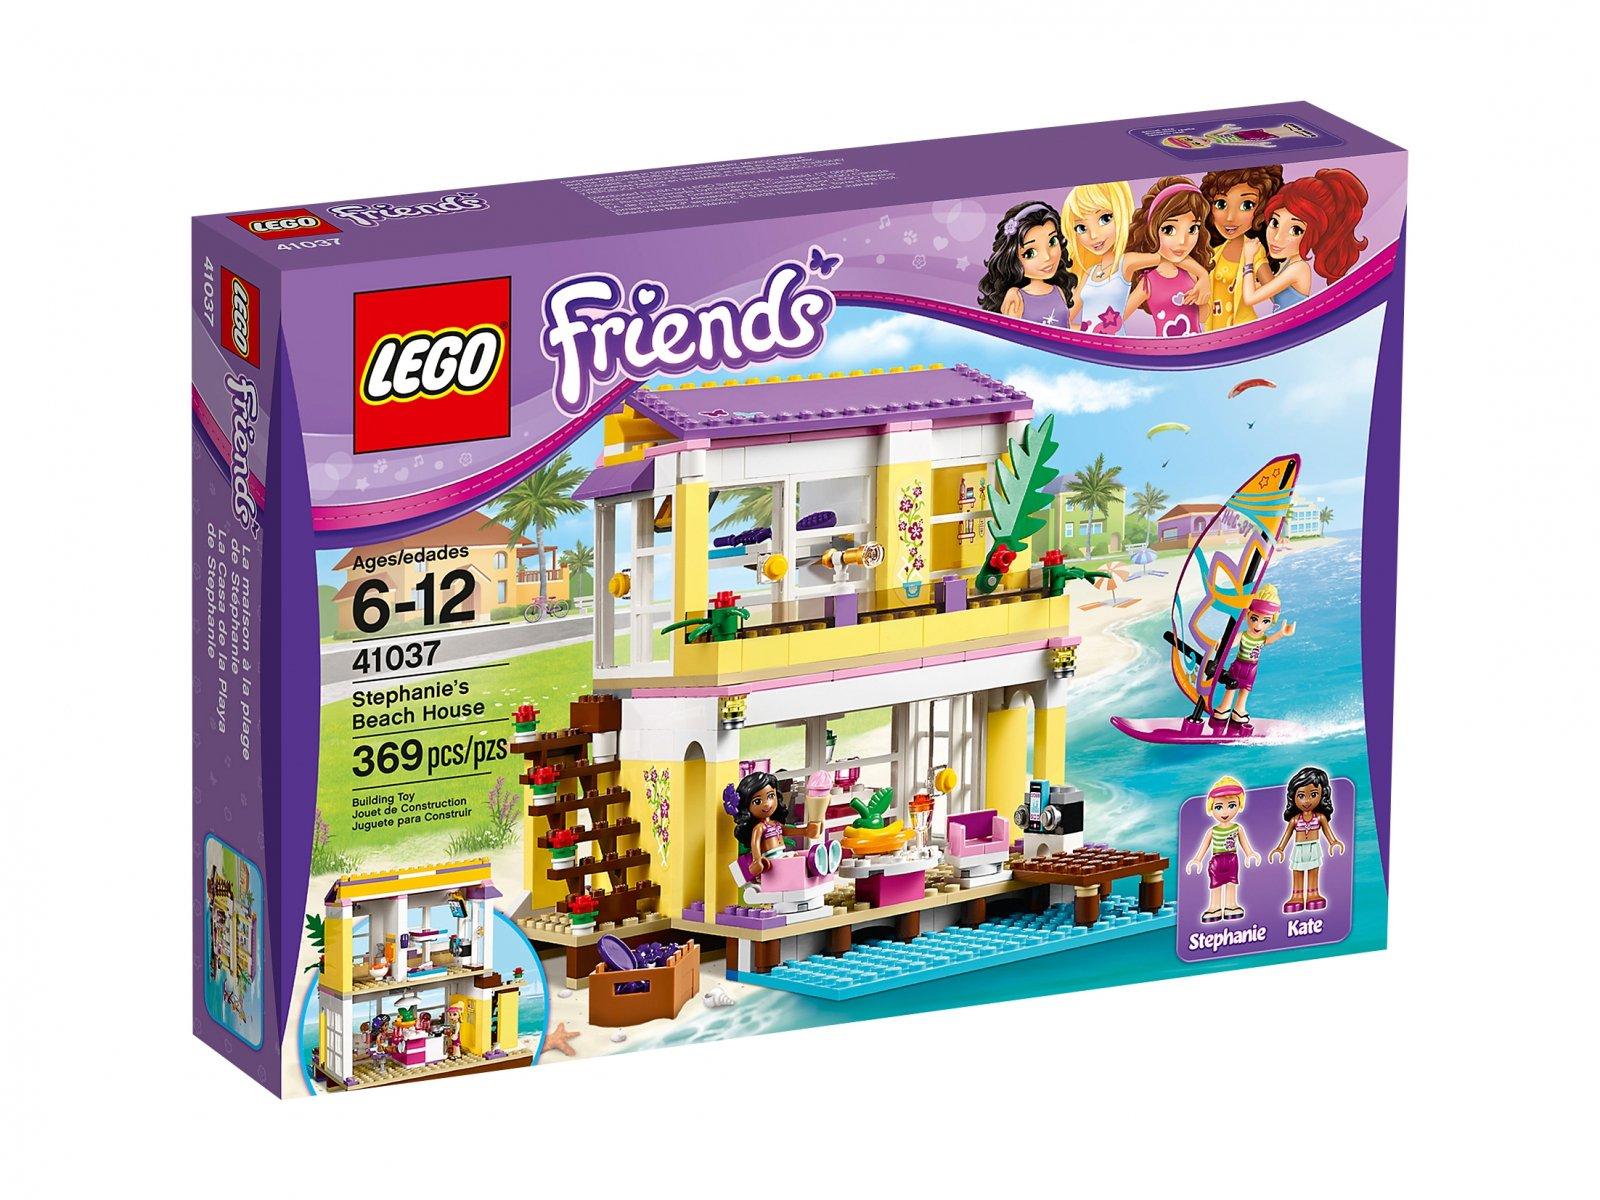 LEGO 41037 Friends Letni domek na plaży | zklocków.pl